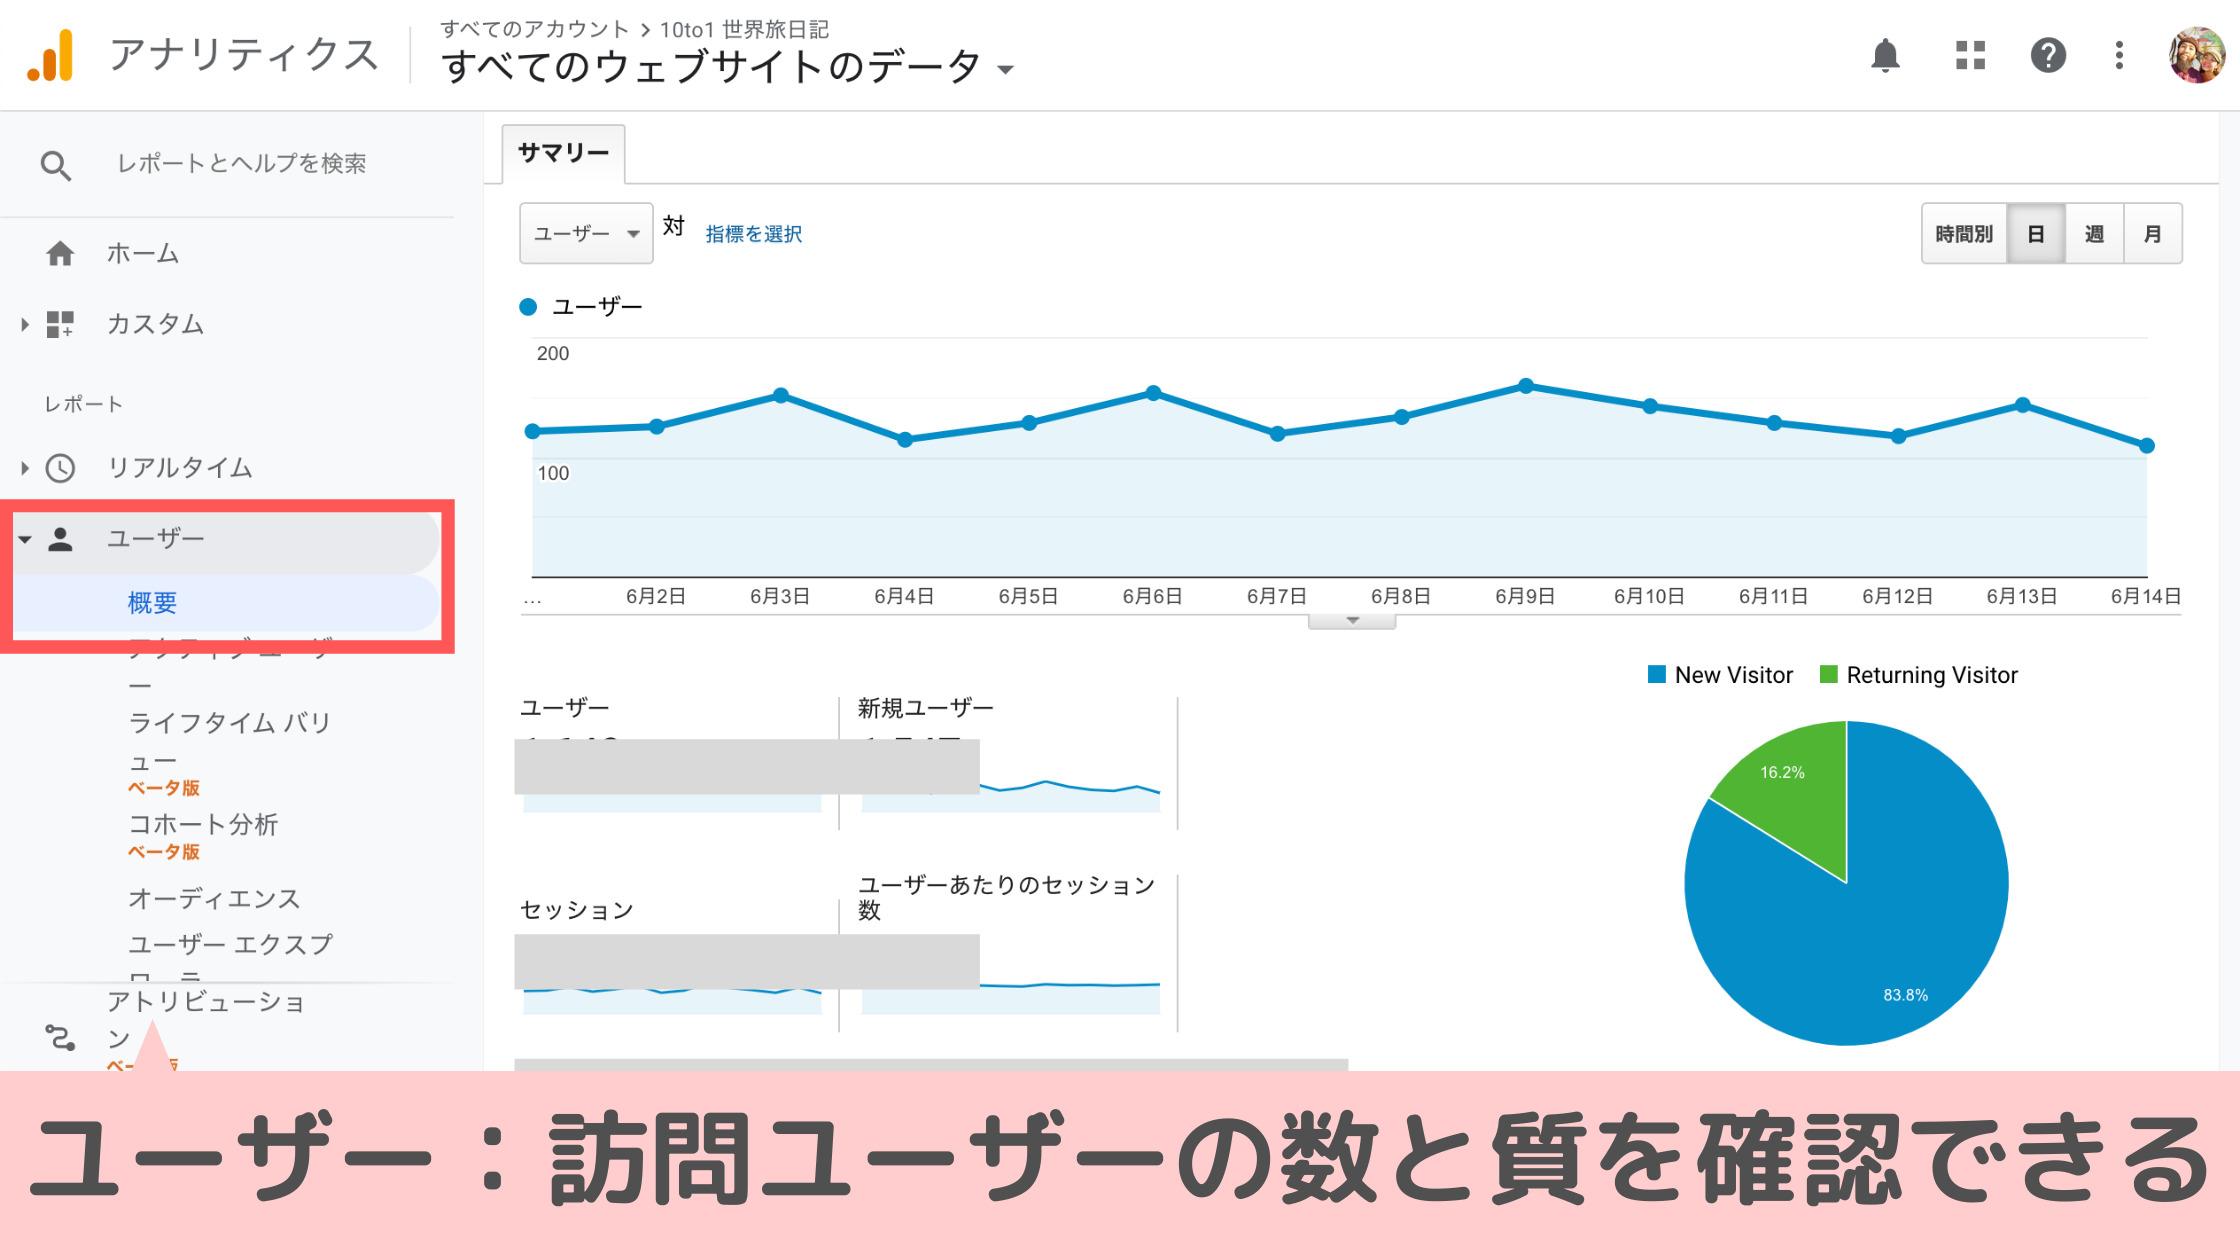 ユーザー:訪問ユーザーの数と質を確認できる